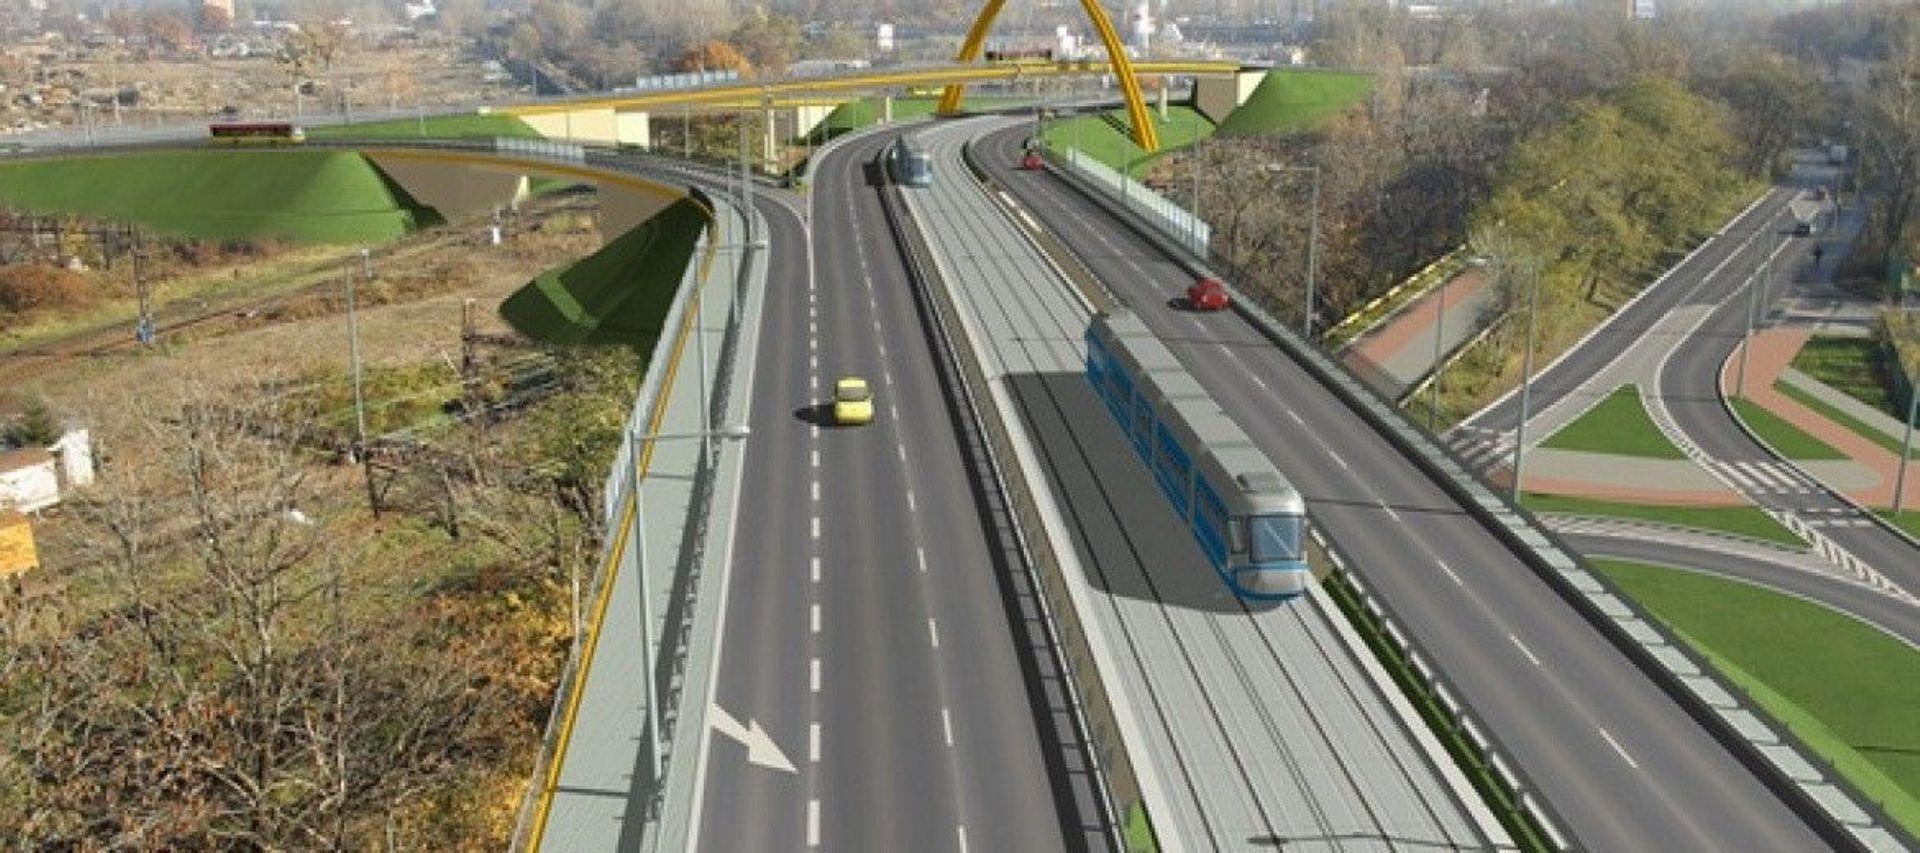 Wrocław: Tramwaj na Nowy Dwór podzielony na ponad 20 części. Jest drugi przetarg